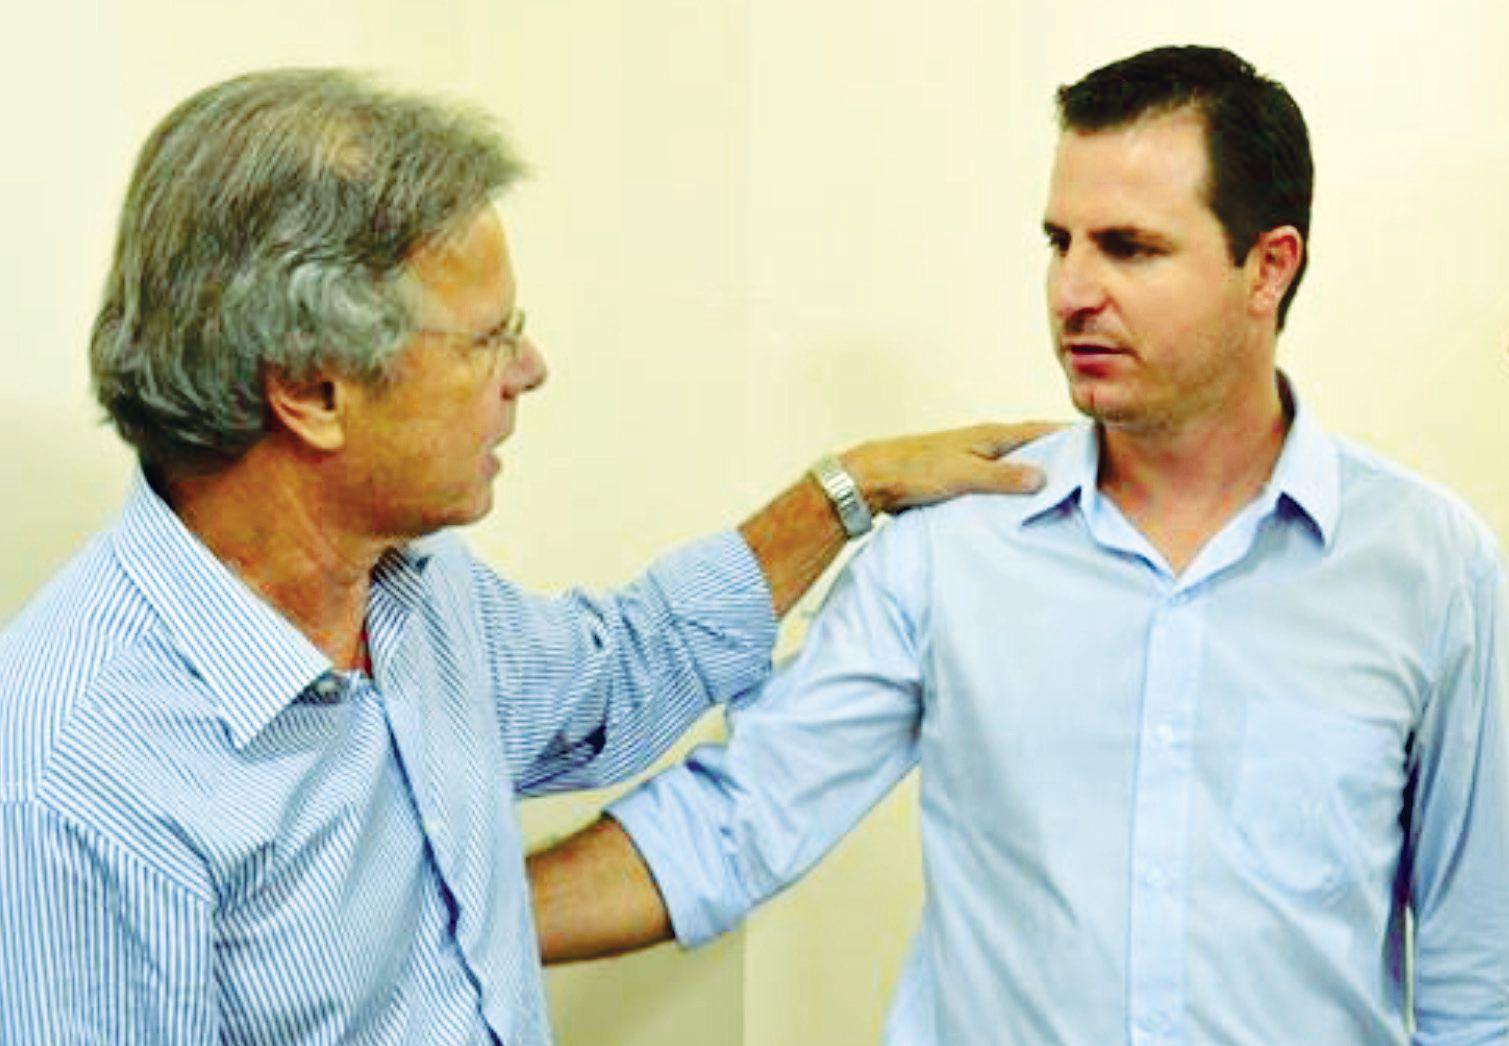 Deputado Federal Vanderlei Macris confirmando ao vereador Bruno Barnabé da Silva, ex-presidente da Câmara, a verba de R$ 250 mil.